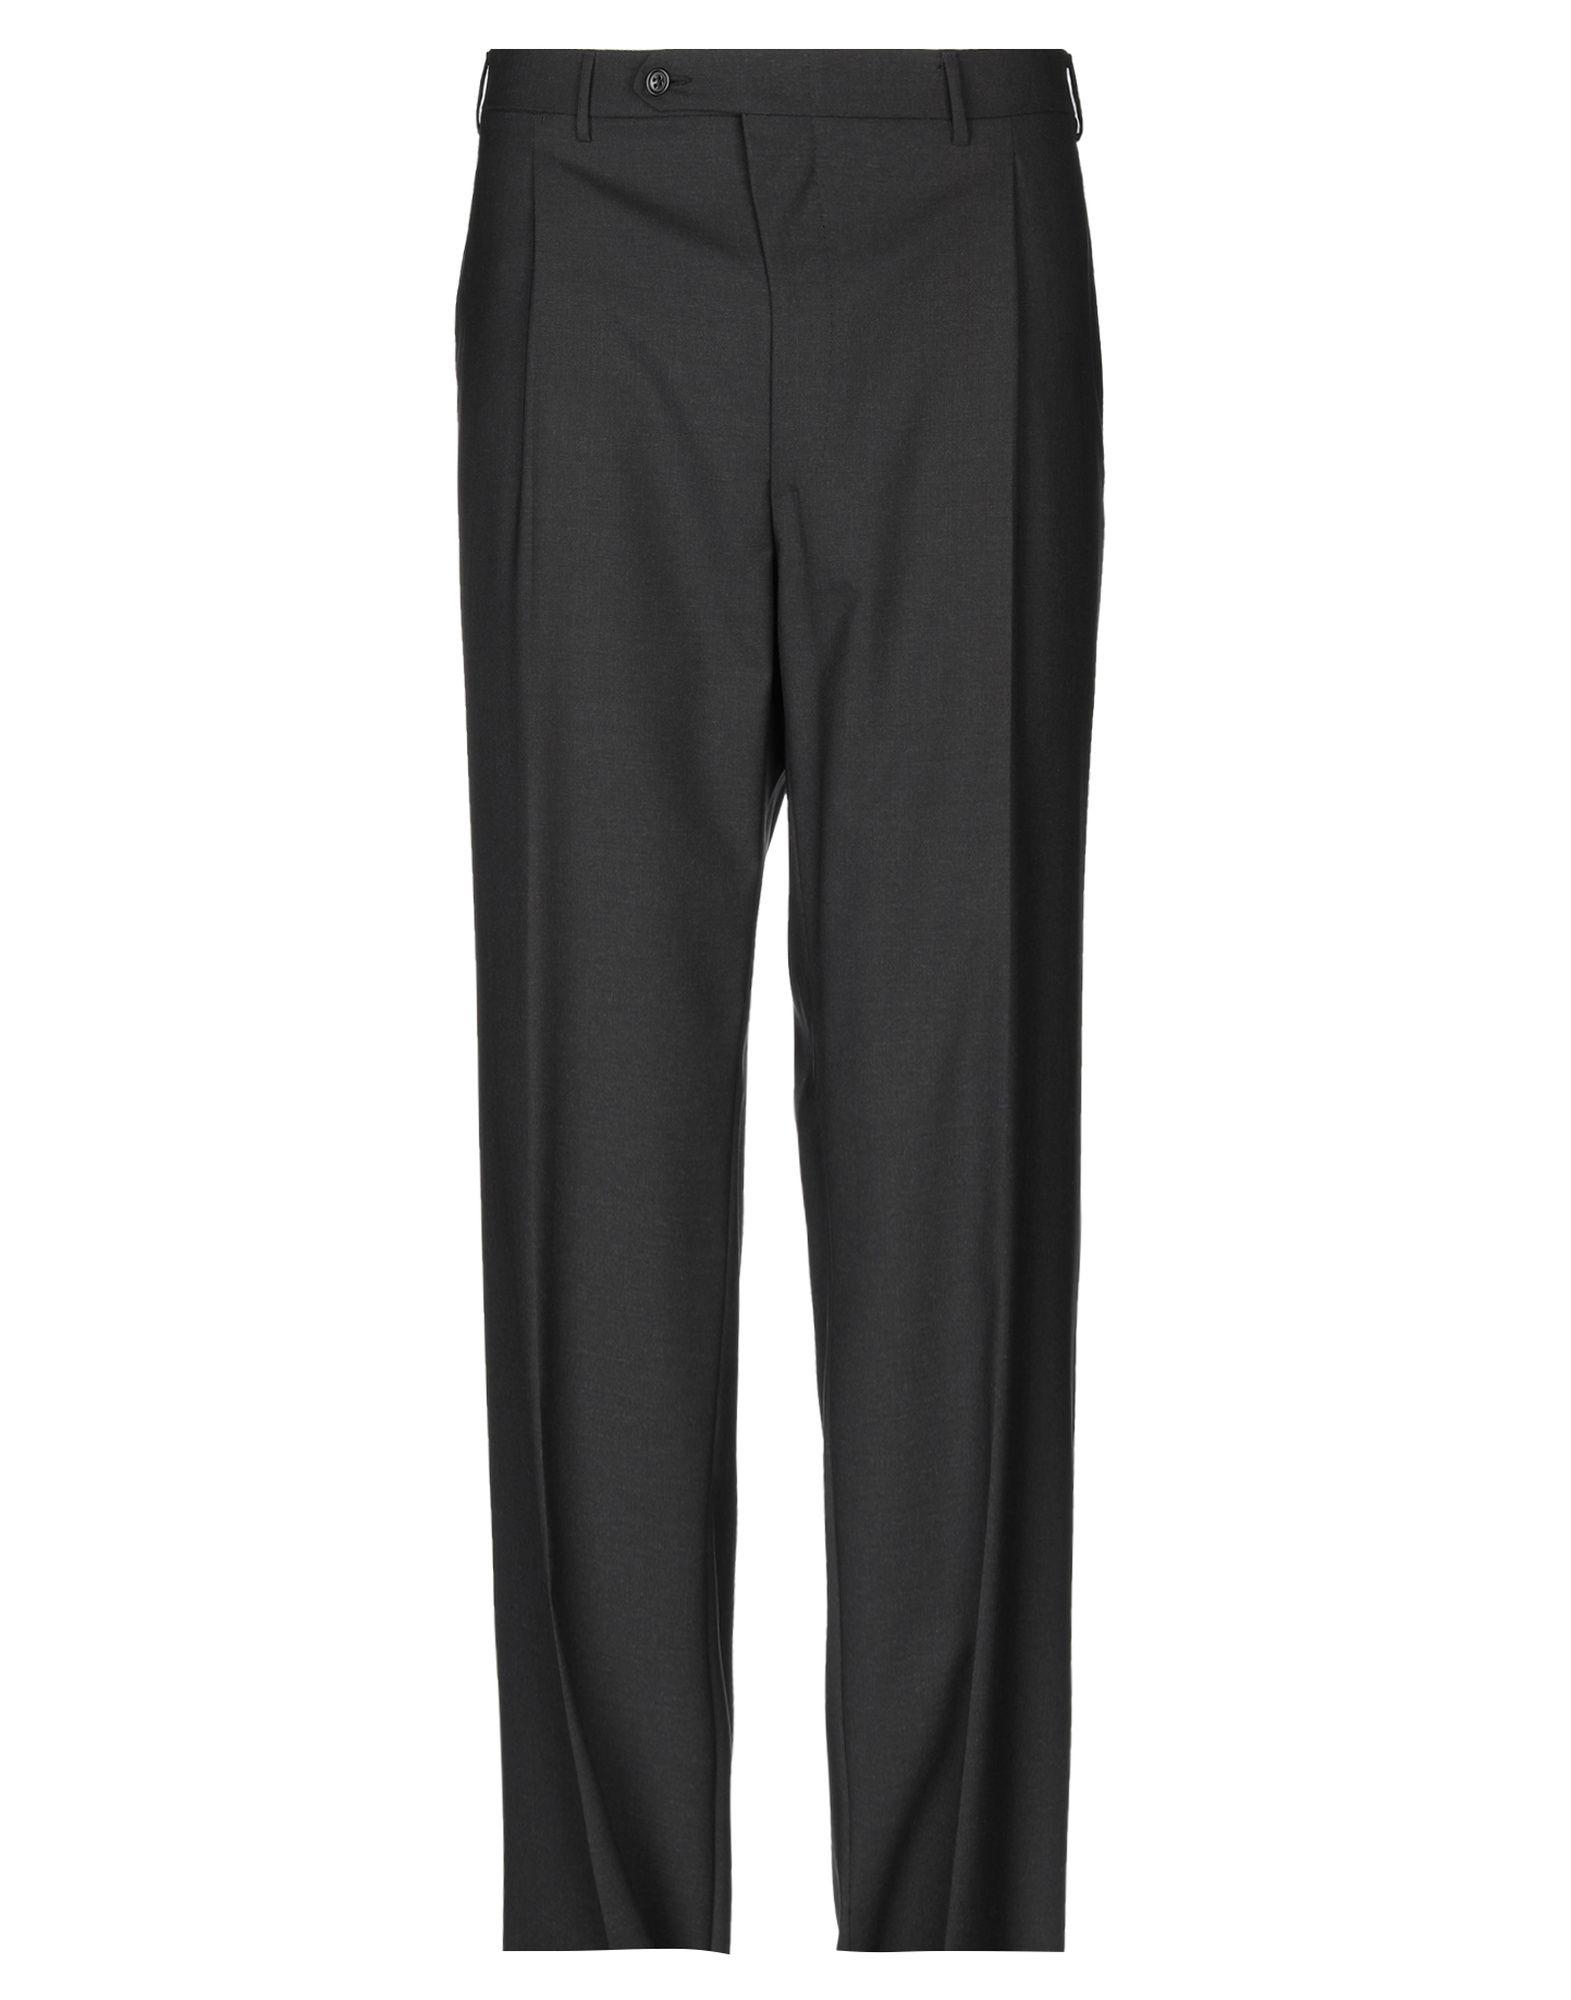 《2万円以上オーダーで送料無料》CANALI メンズ パンツ ブラック 58 バージンウール 100%